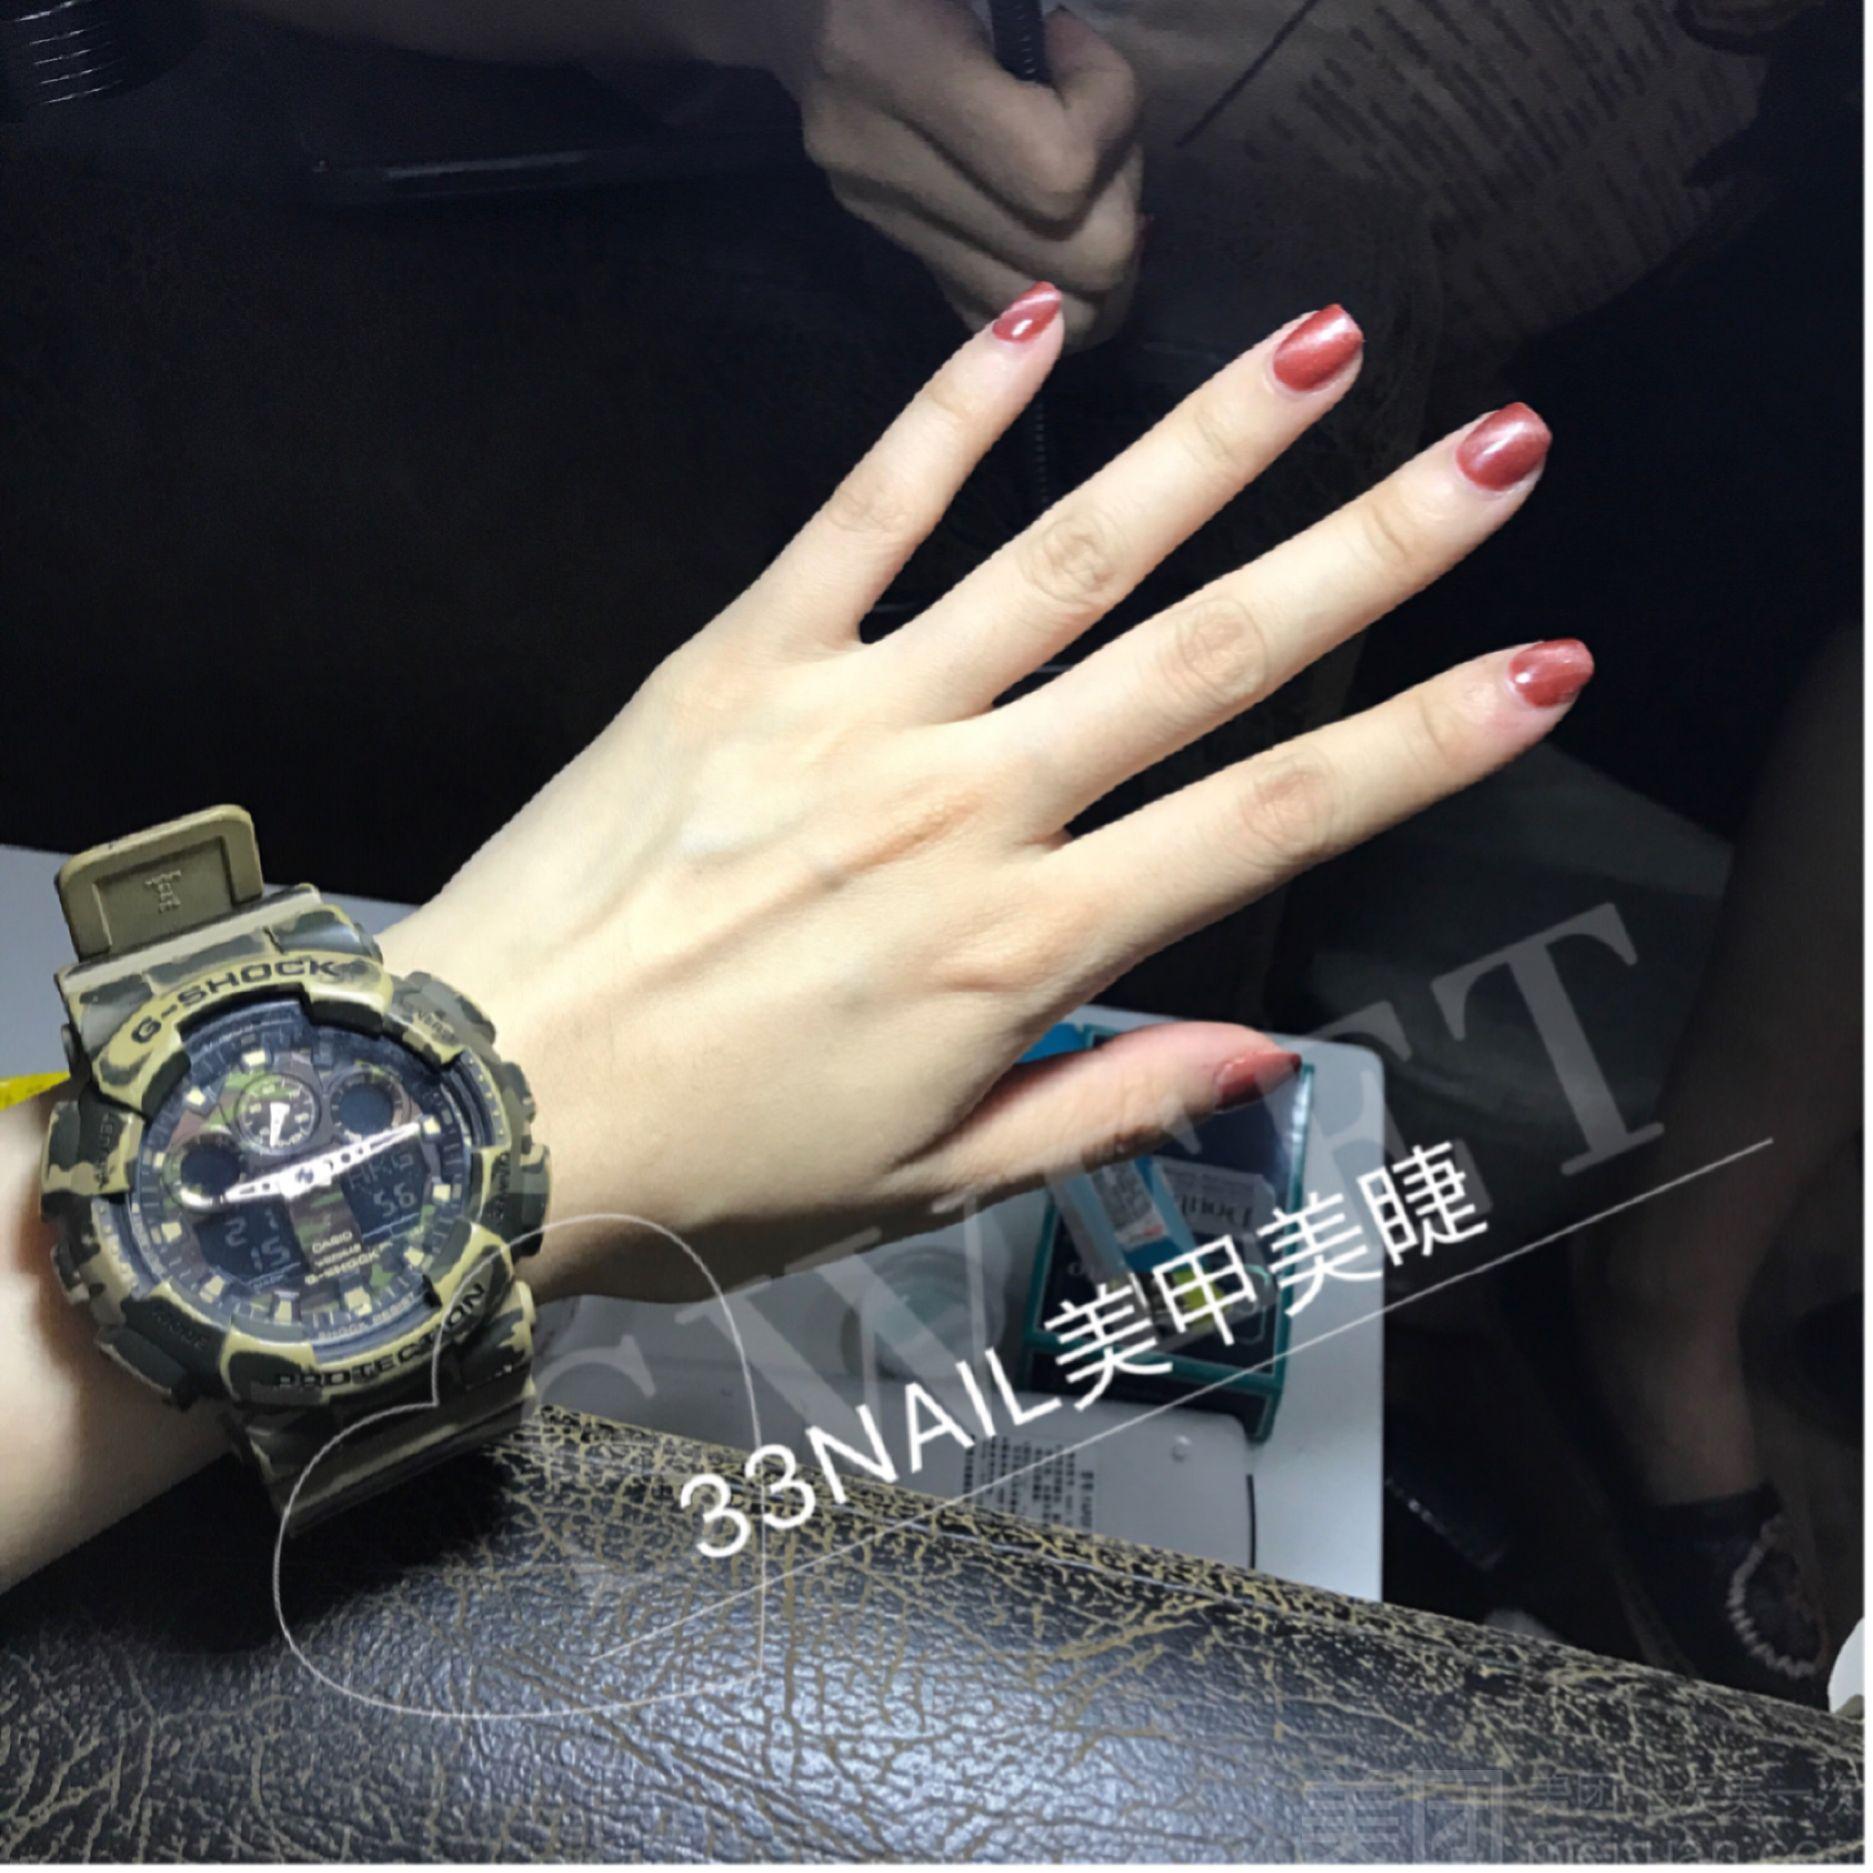 :长沙今日团购:【33NAIL美甲美睫】日式时尚任意款